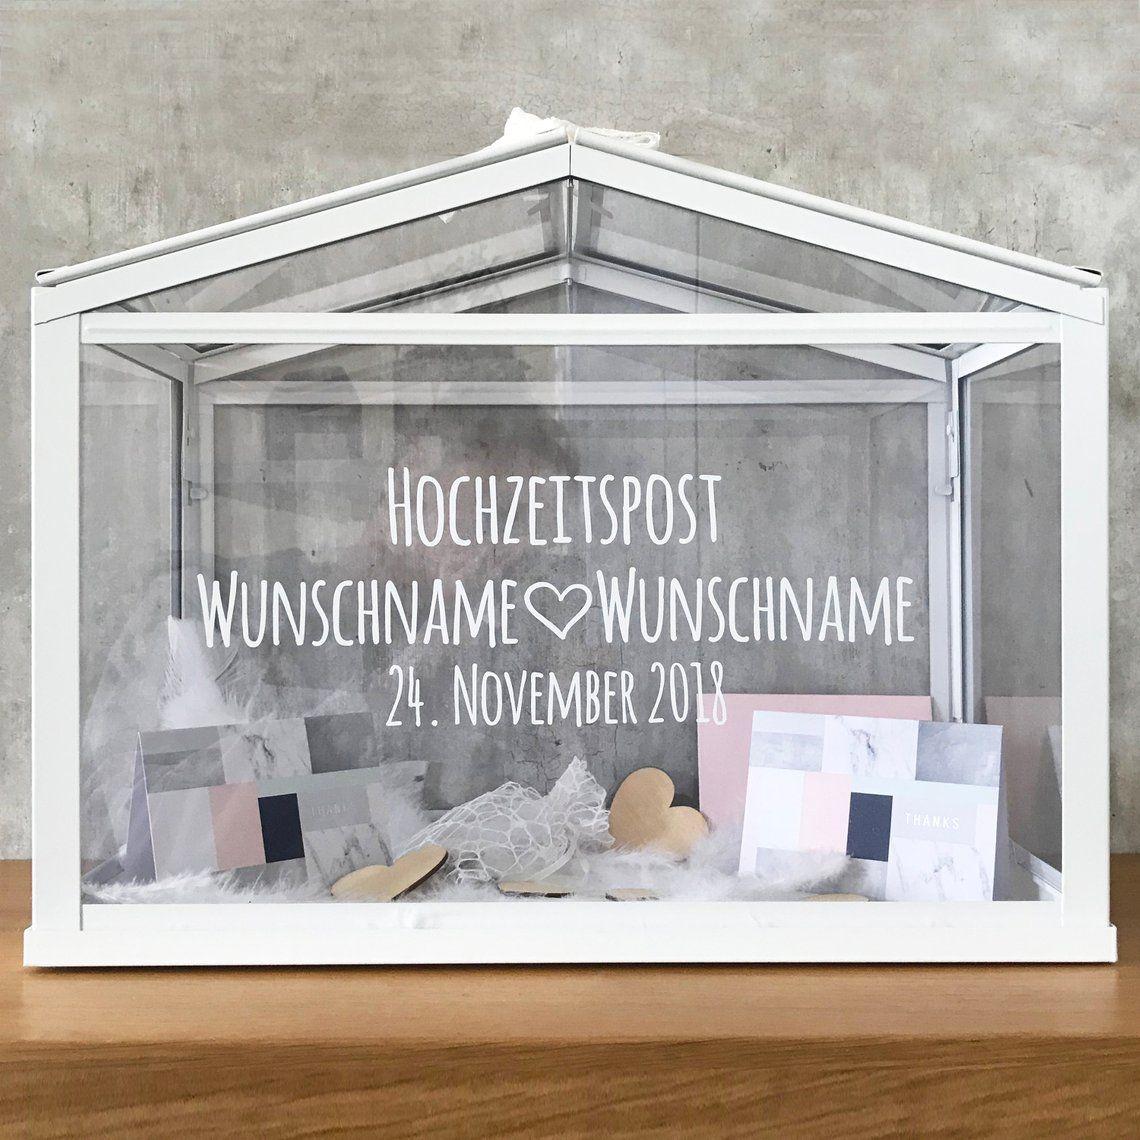 Hochzeitskartenbox personalisiert Namen Datum Hochzeitspost Kartenbox Hochzeitskarte Geschenkkarten Glückwunschkarten Geldgeschenke Hochzeit #20thanniversarywedding